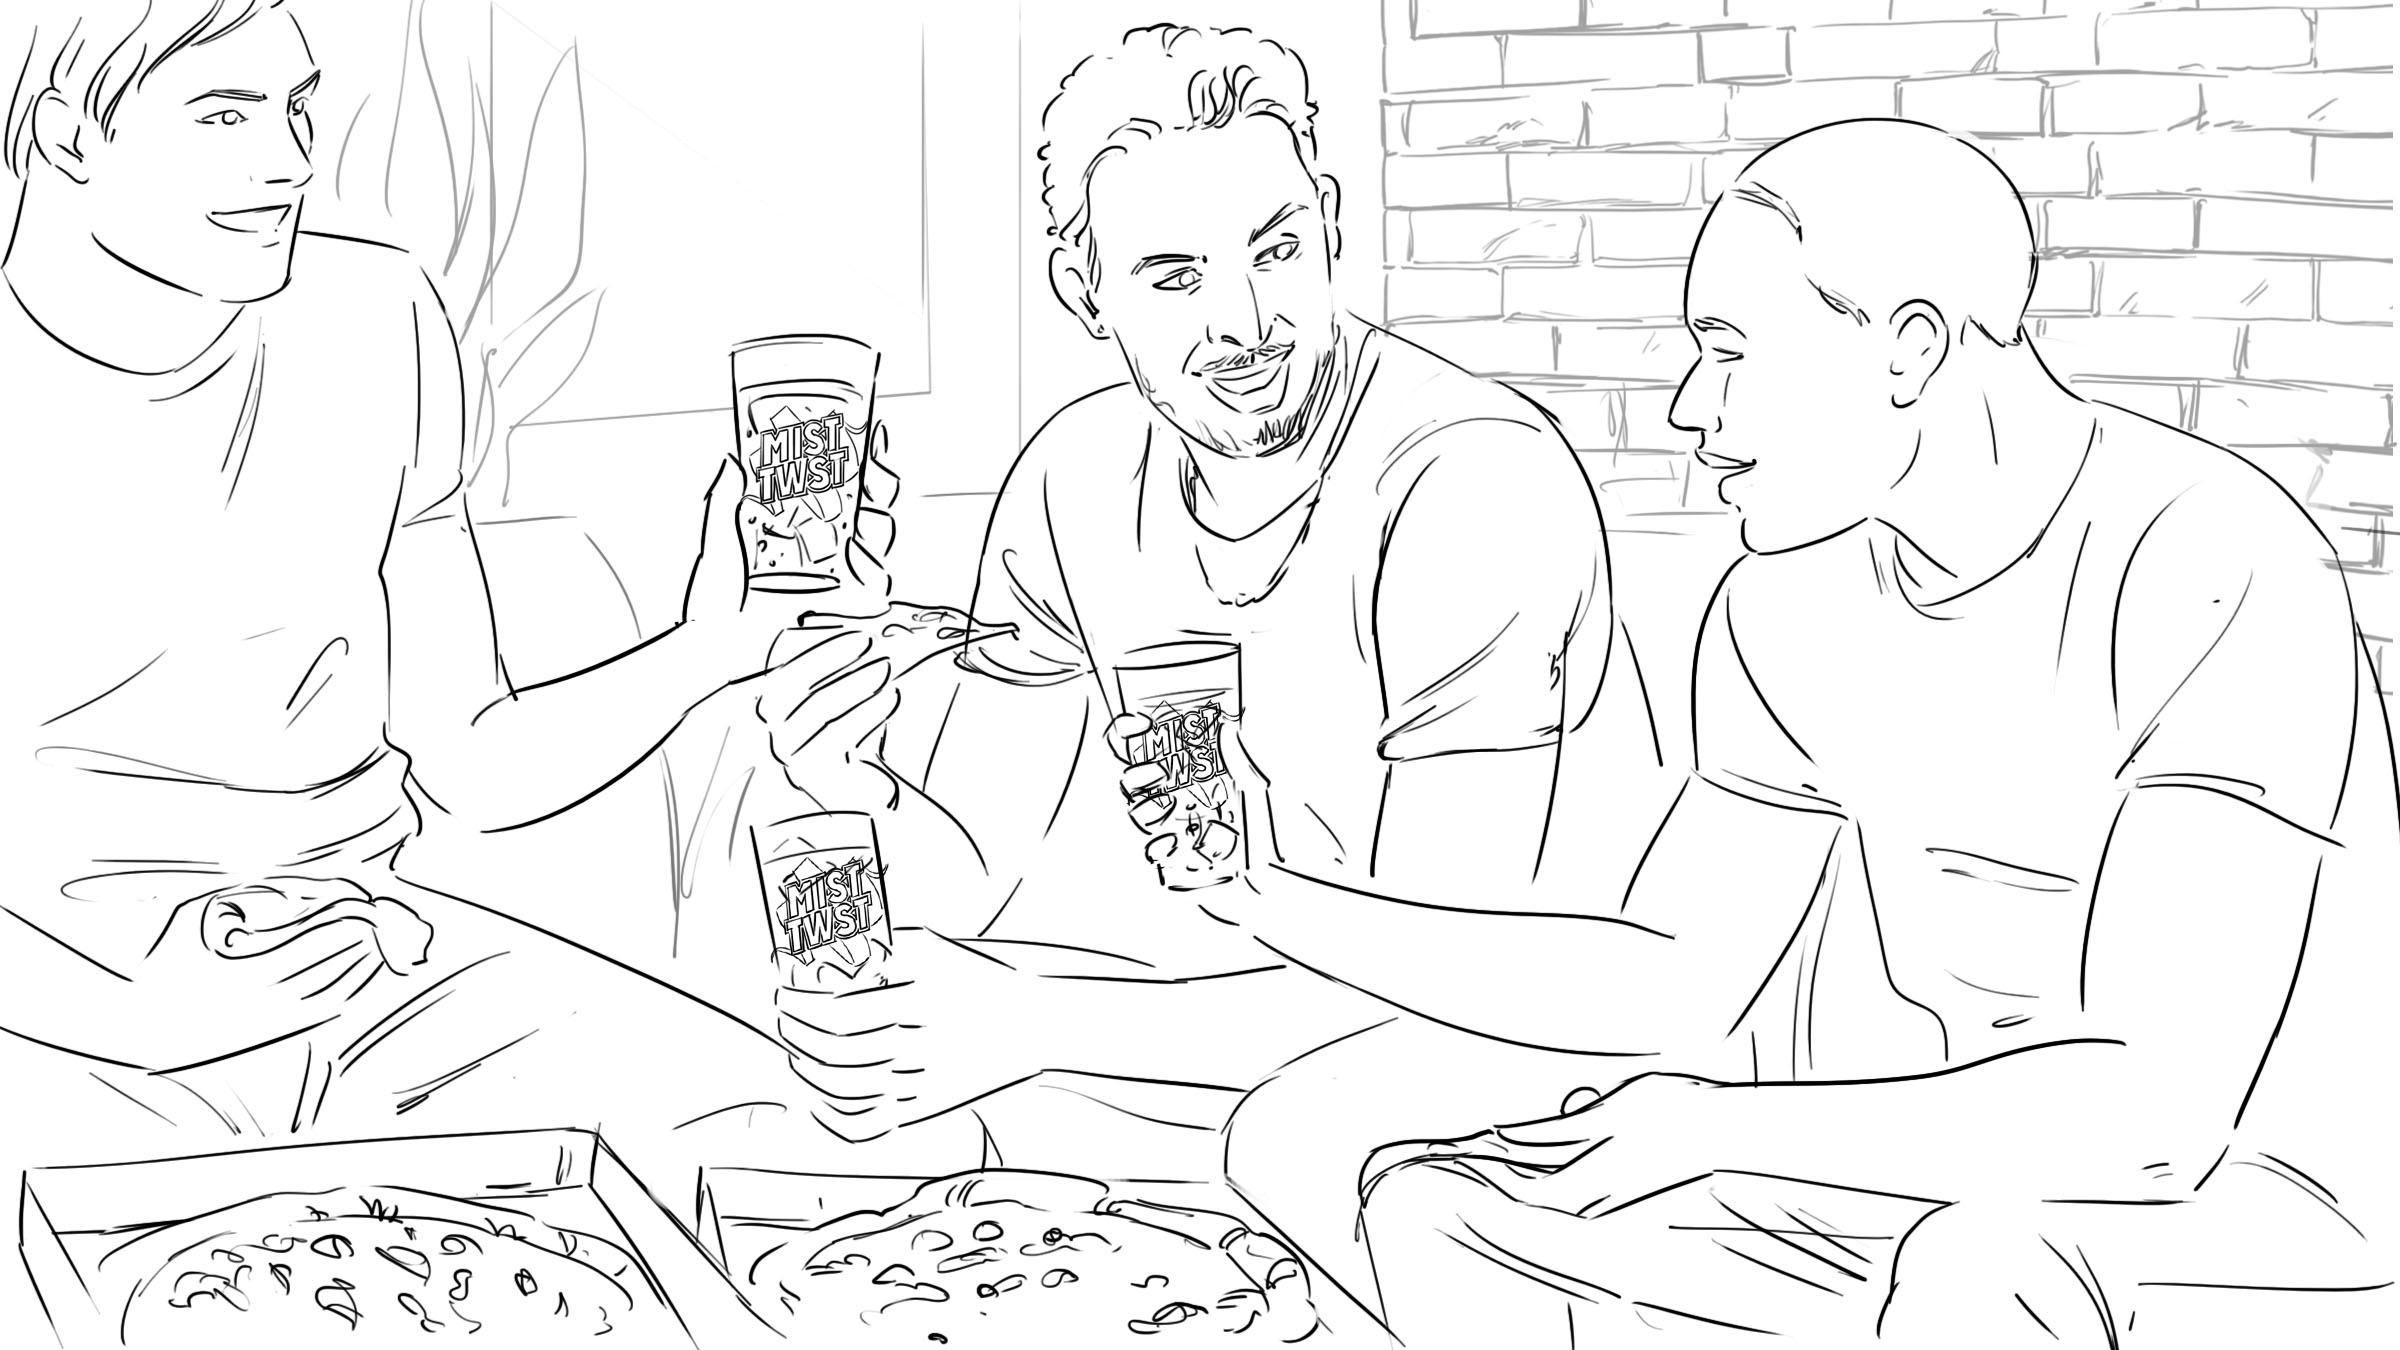 The Hangout Crew 3